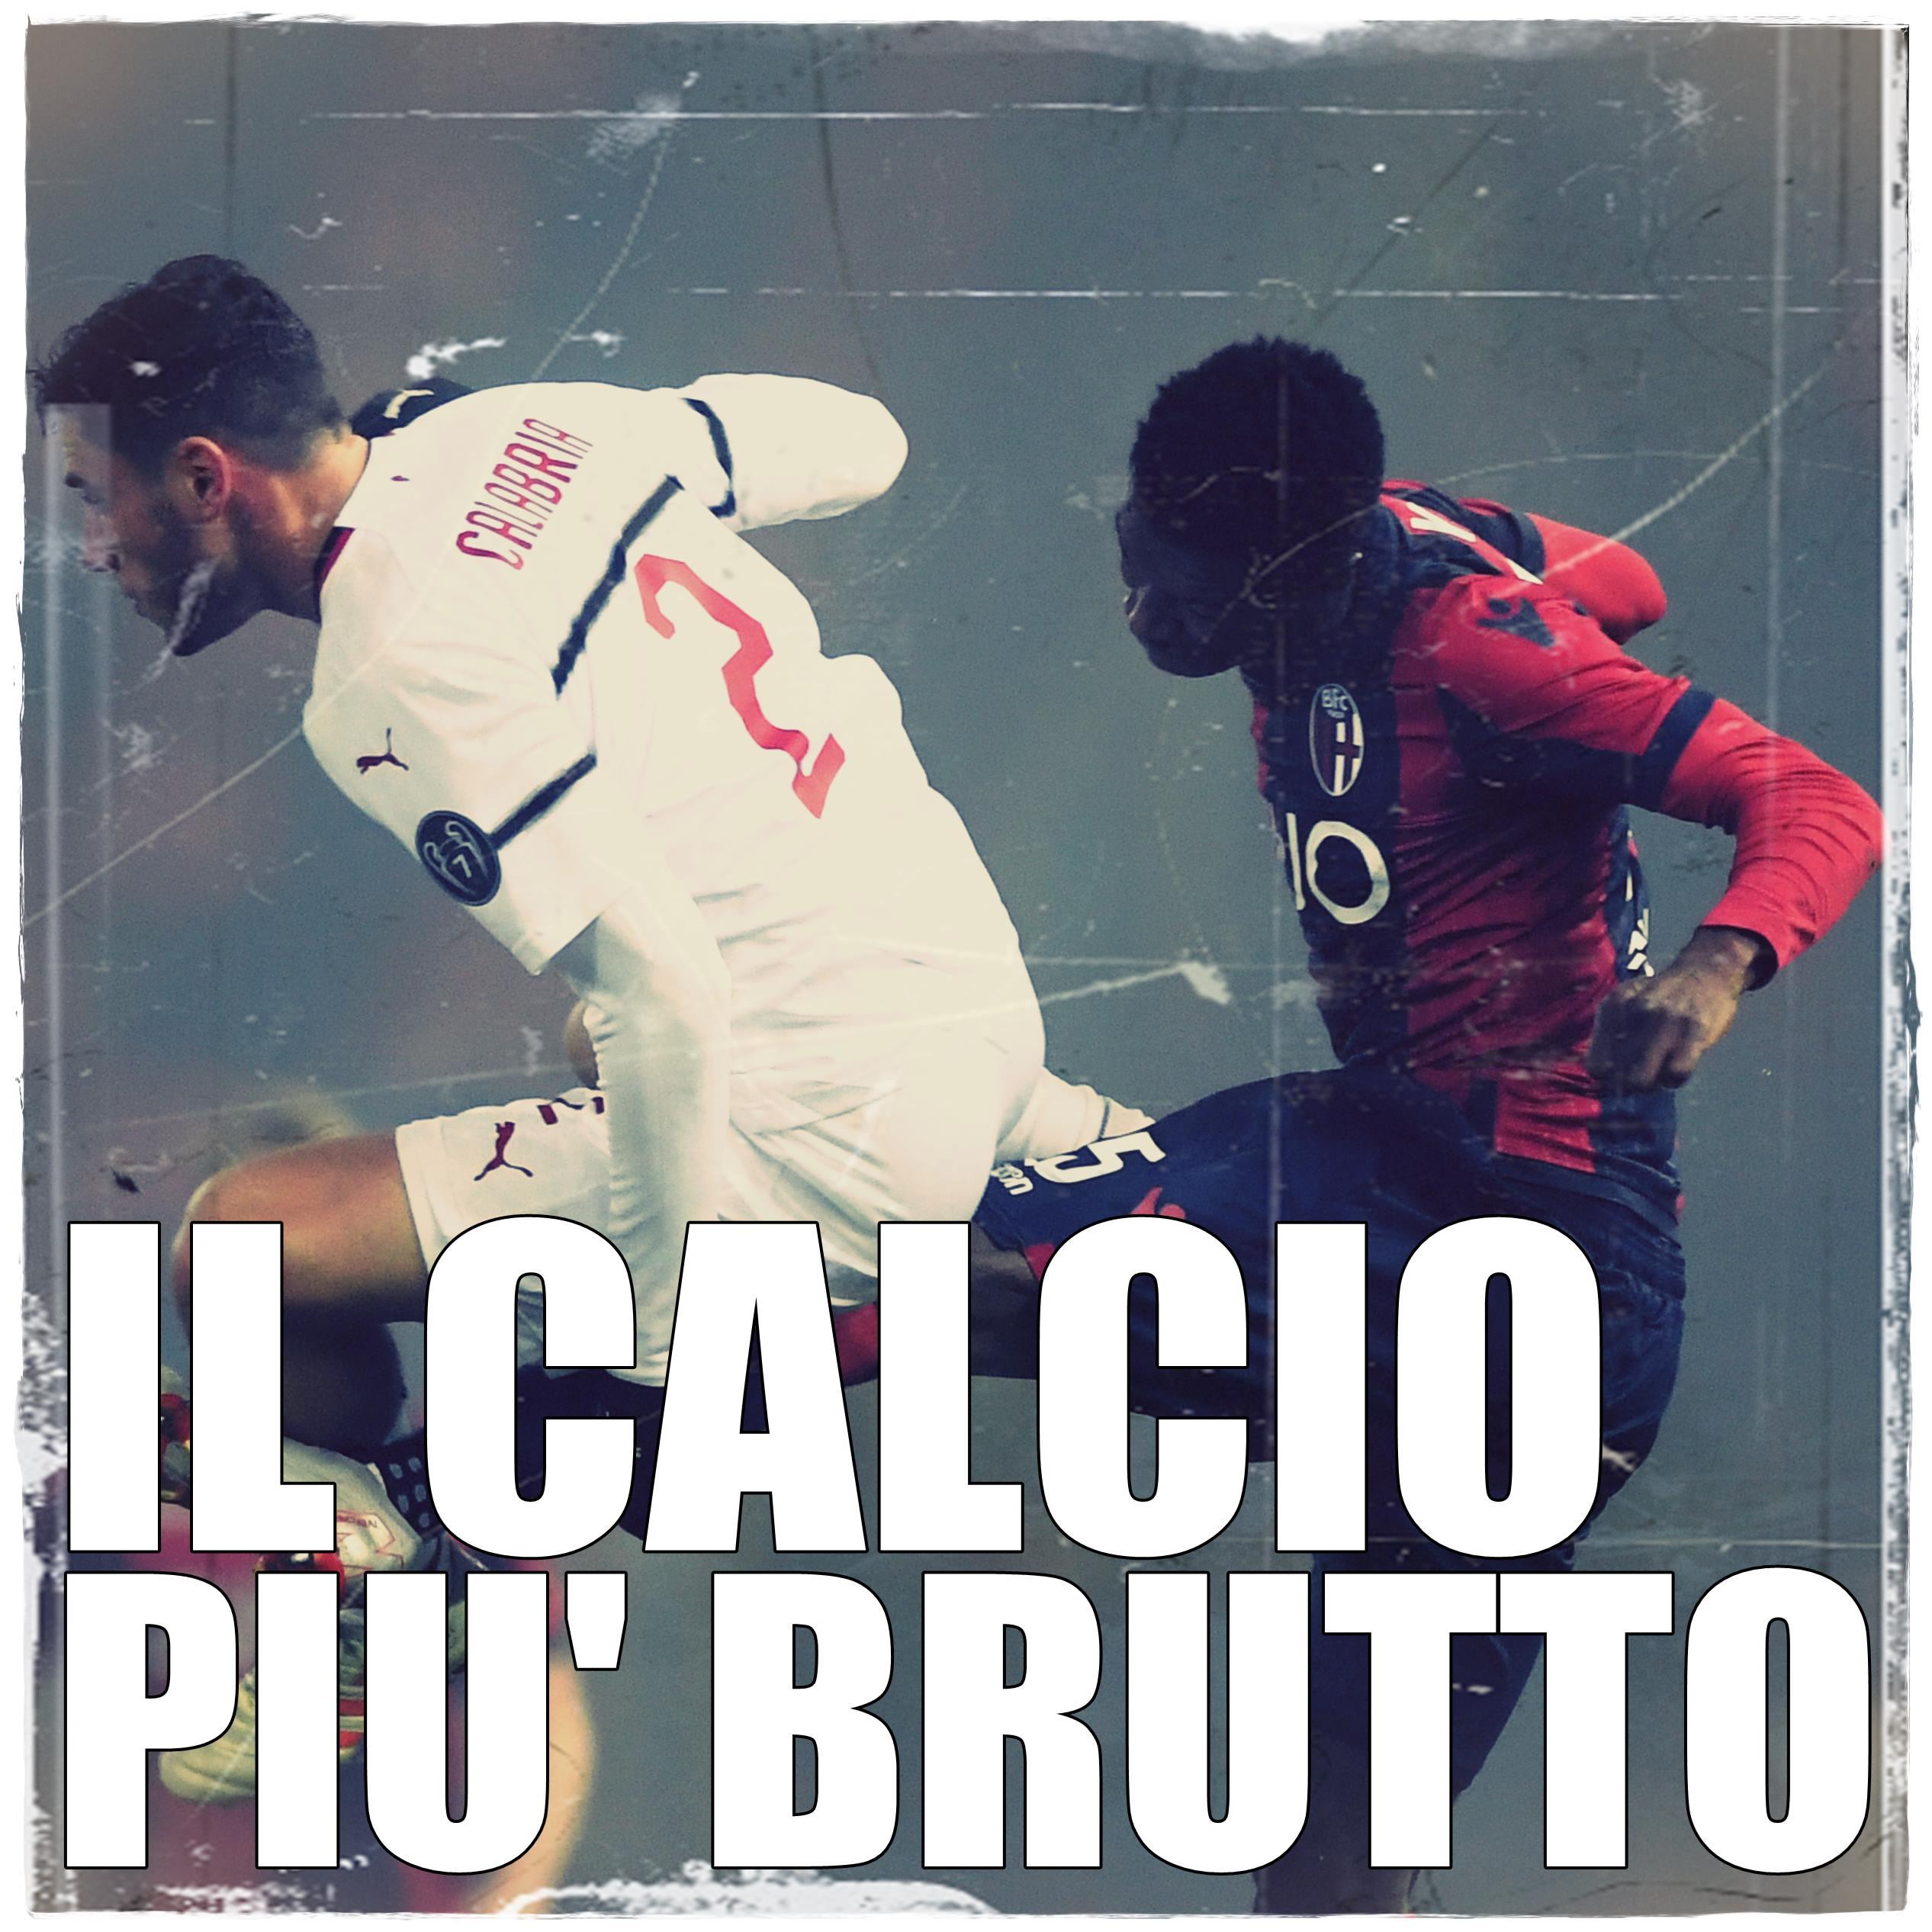 f6f7da10c0b013 Bologna-Milan è stata una partita di rara bruttezza, il campionato viene  persino spezzato in 8 parti pur di mandare in diretta spettacoli del genere.